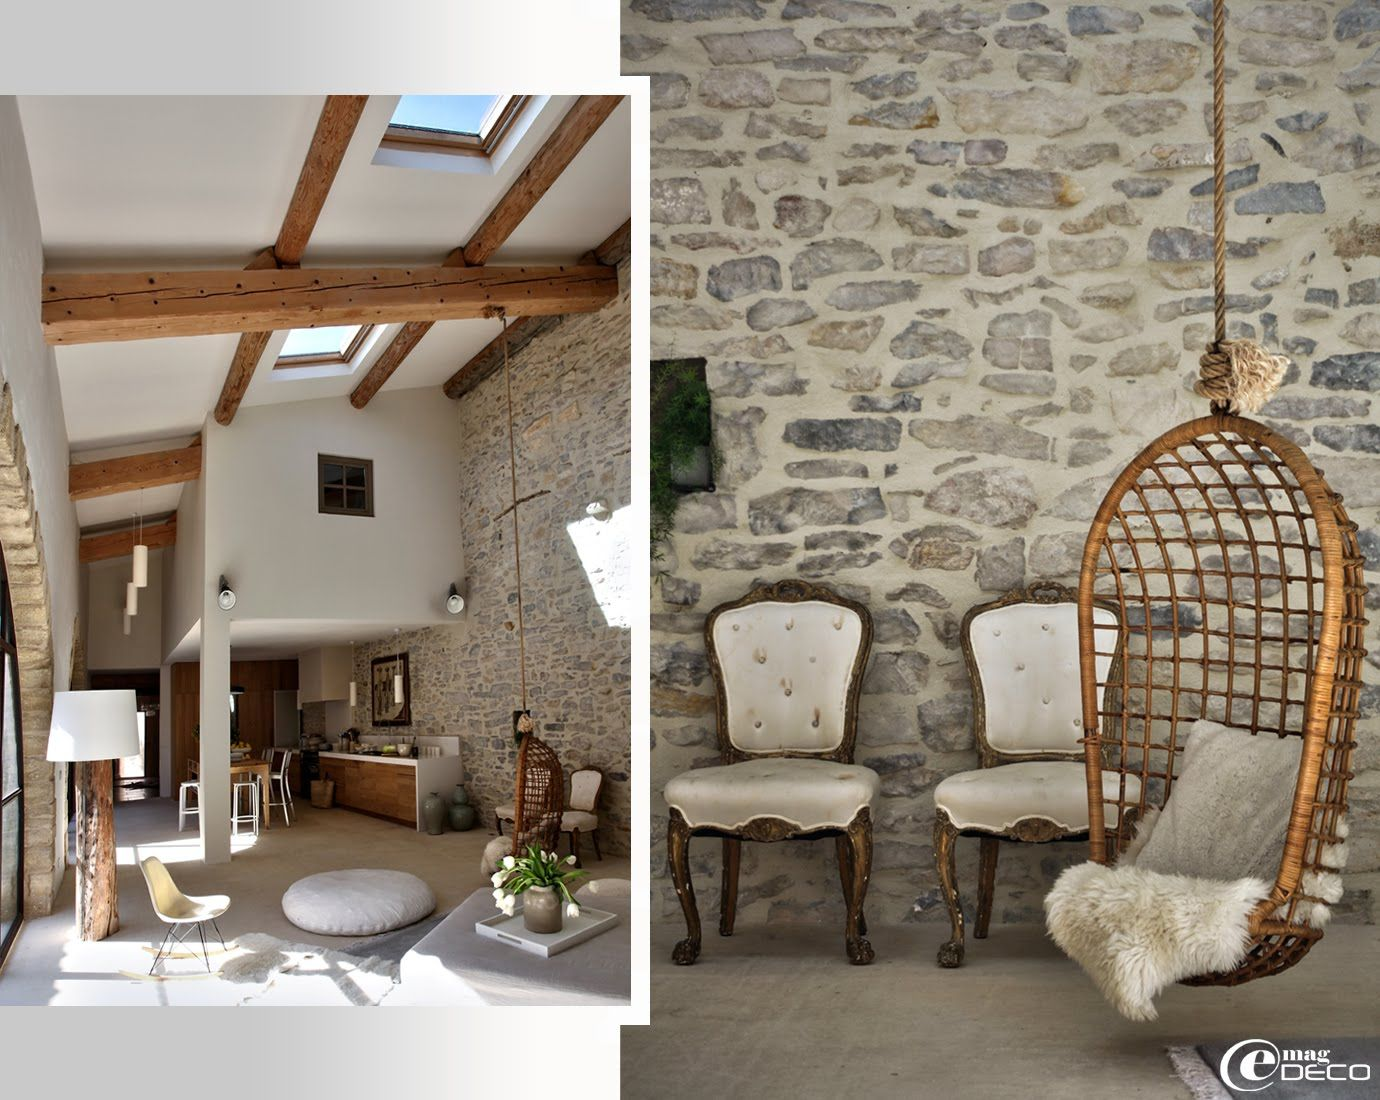 r habilitation esprit loft dans le gard proven al r alis e par marie laure helmkampf architecte. Black Bedroom Furniture Sets. Home Design Ideas